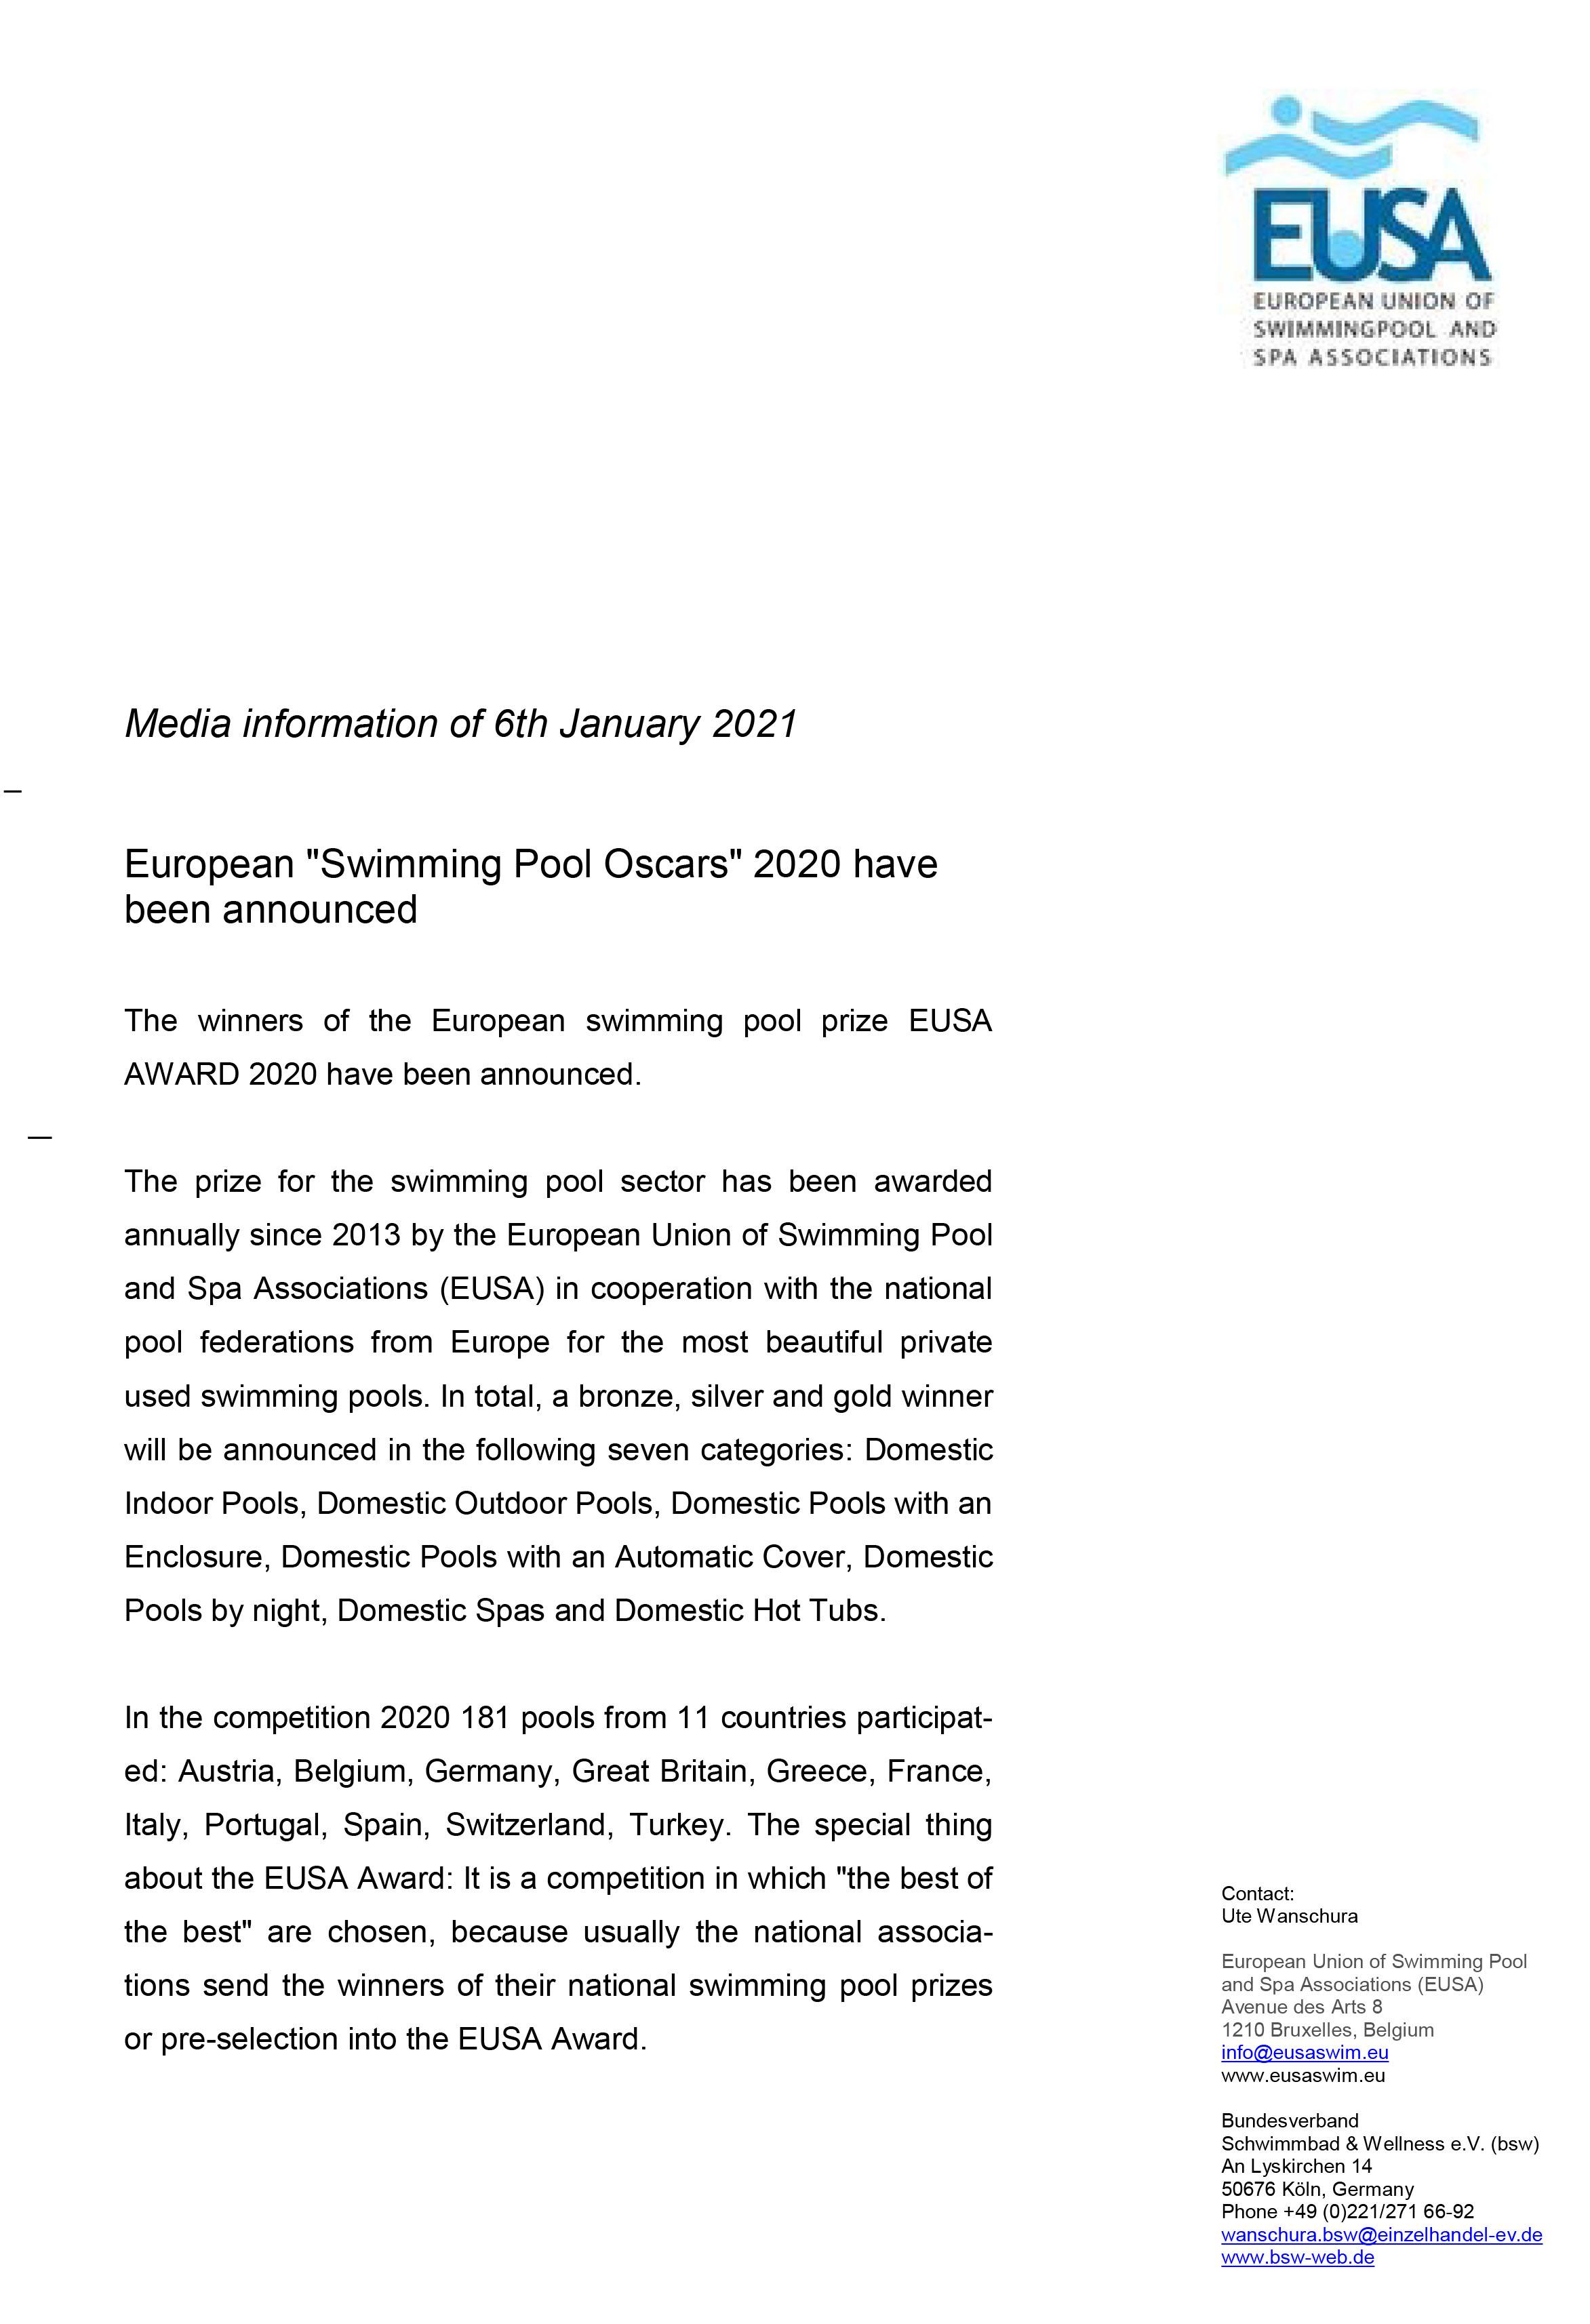 première page du communiqué de presse relatif aux EUSA AWARDS